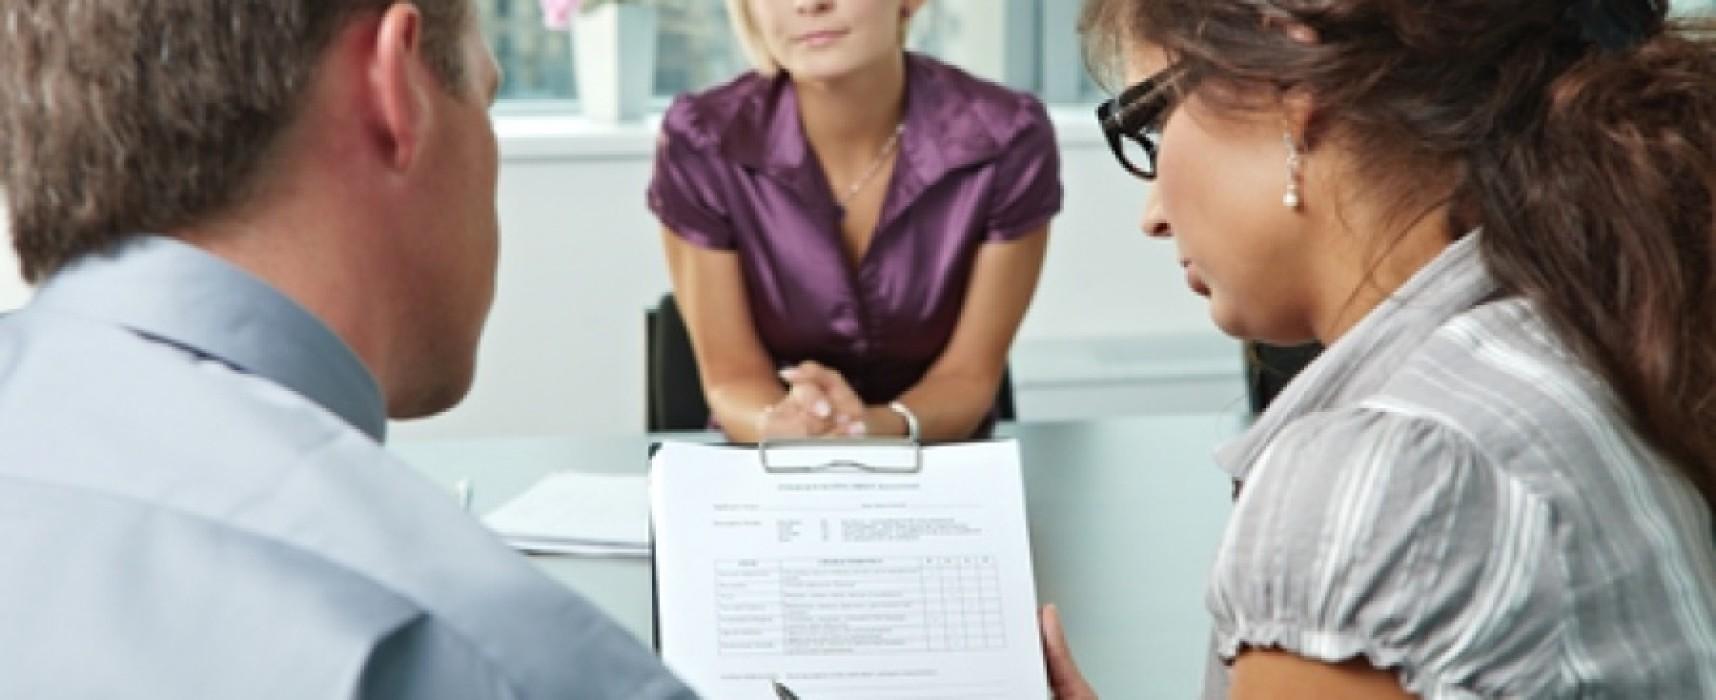 Почему отказывают в приеме на работу и нюансы письменного оформления